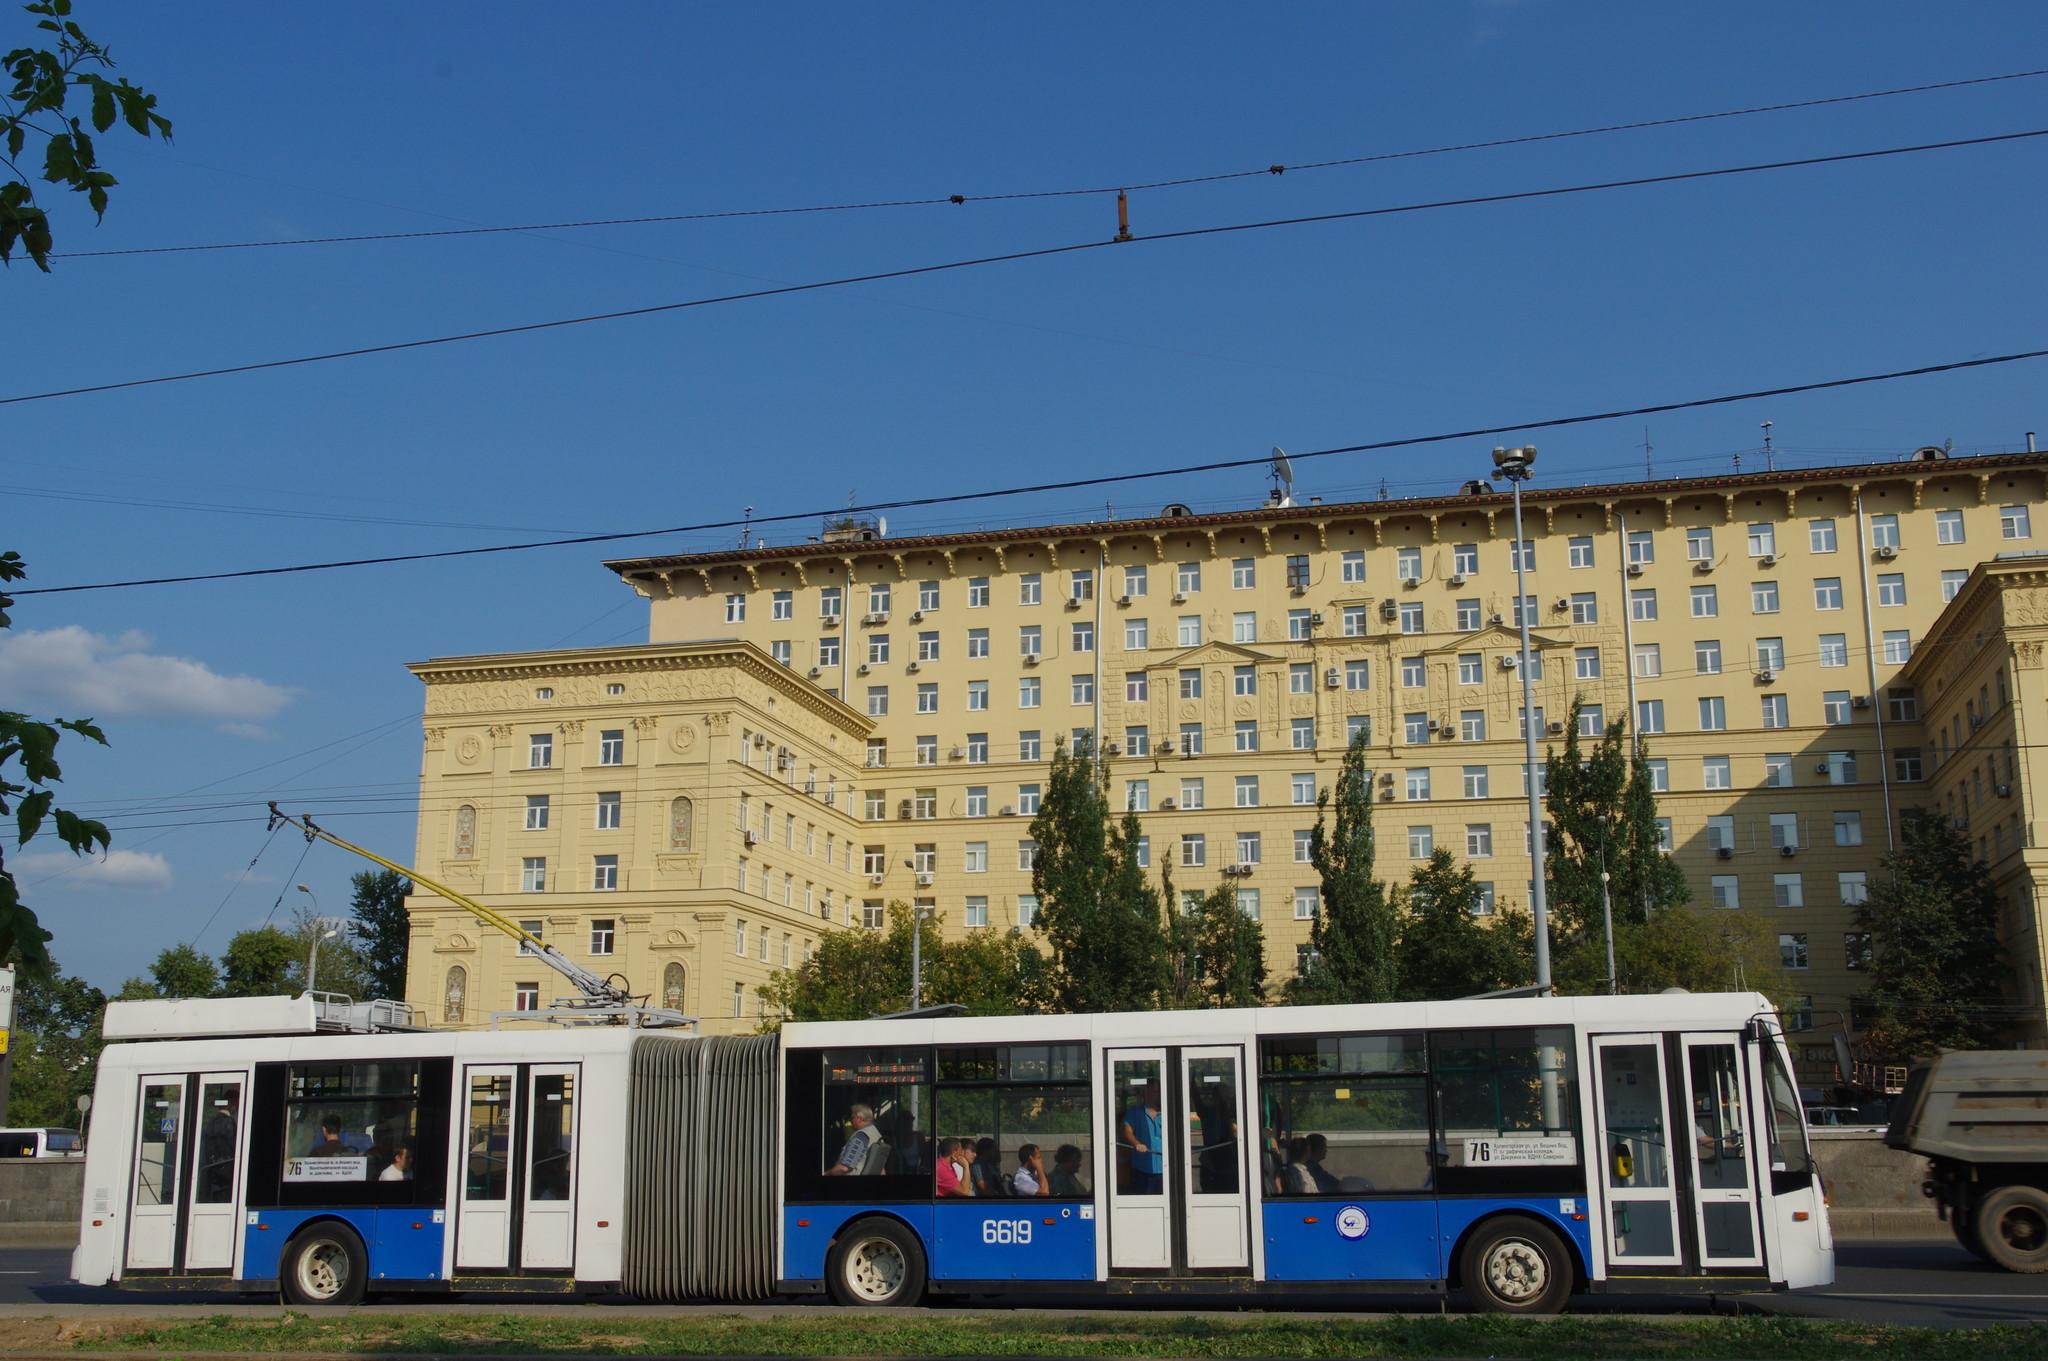 Троллейбус ТролЗа-6206 с бортовым № 6619 следует по маршруту № 76